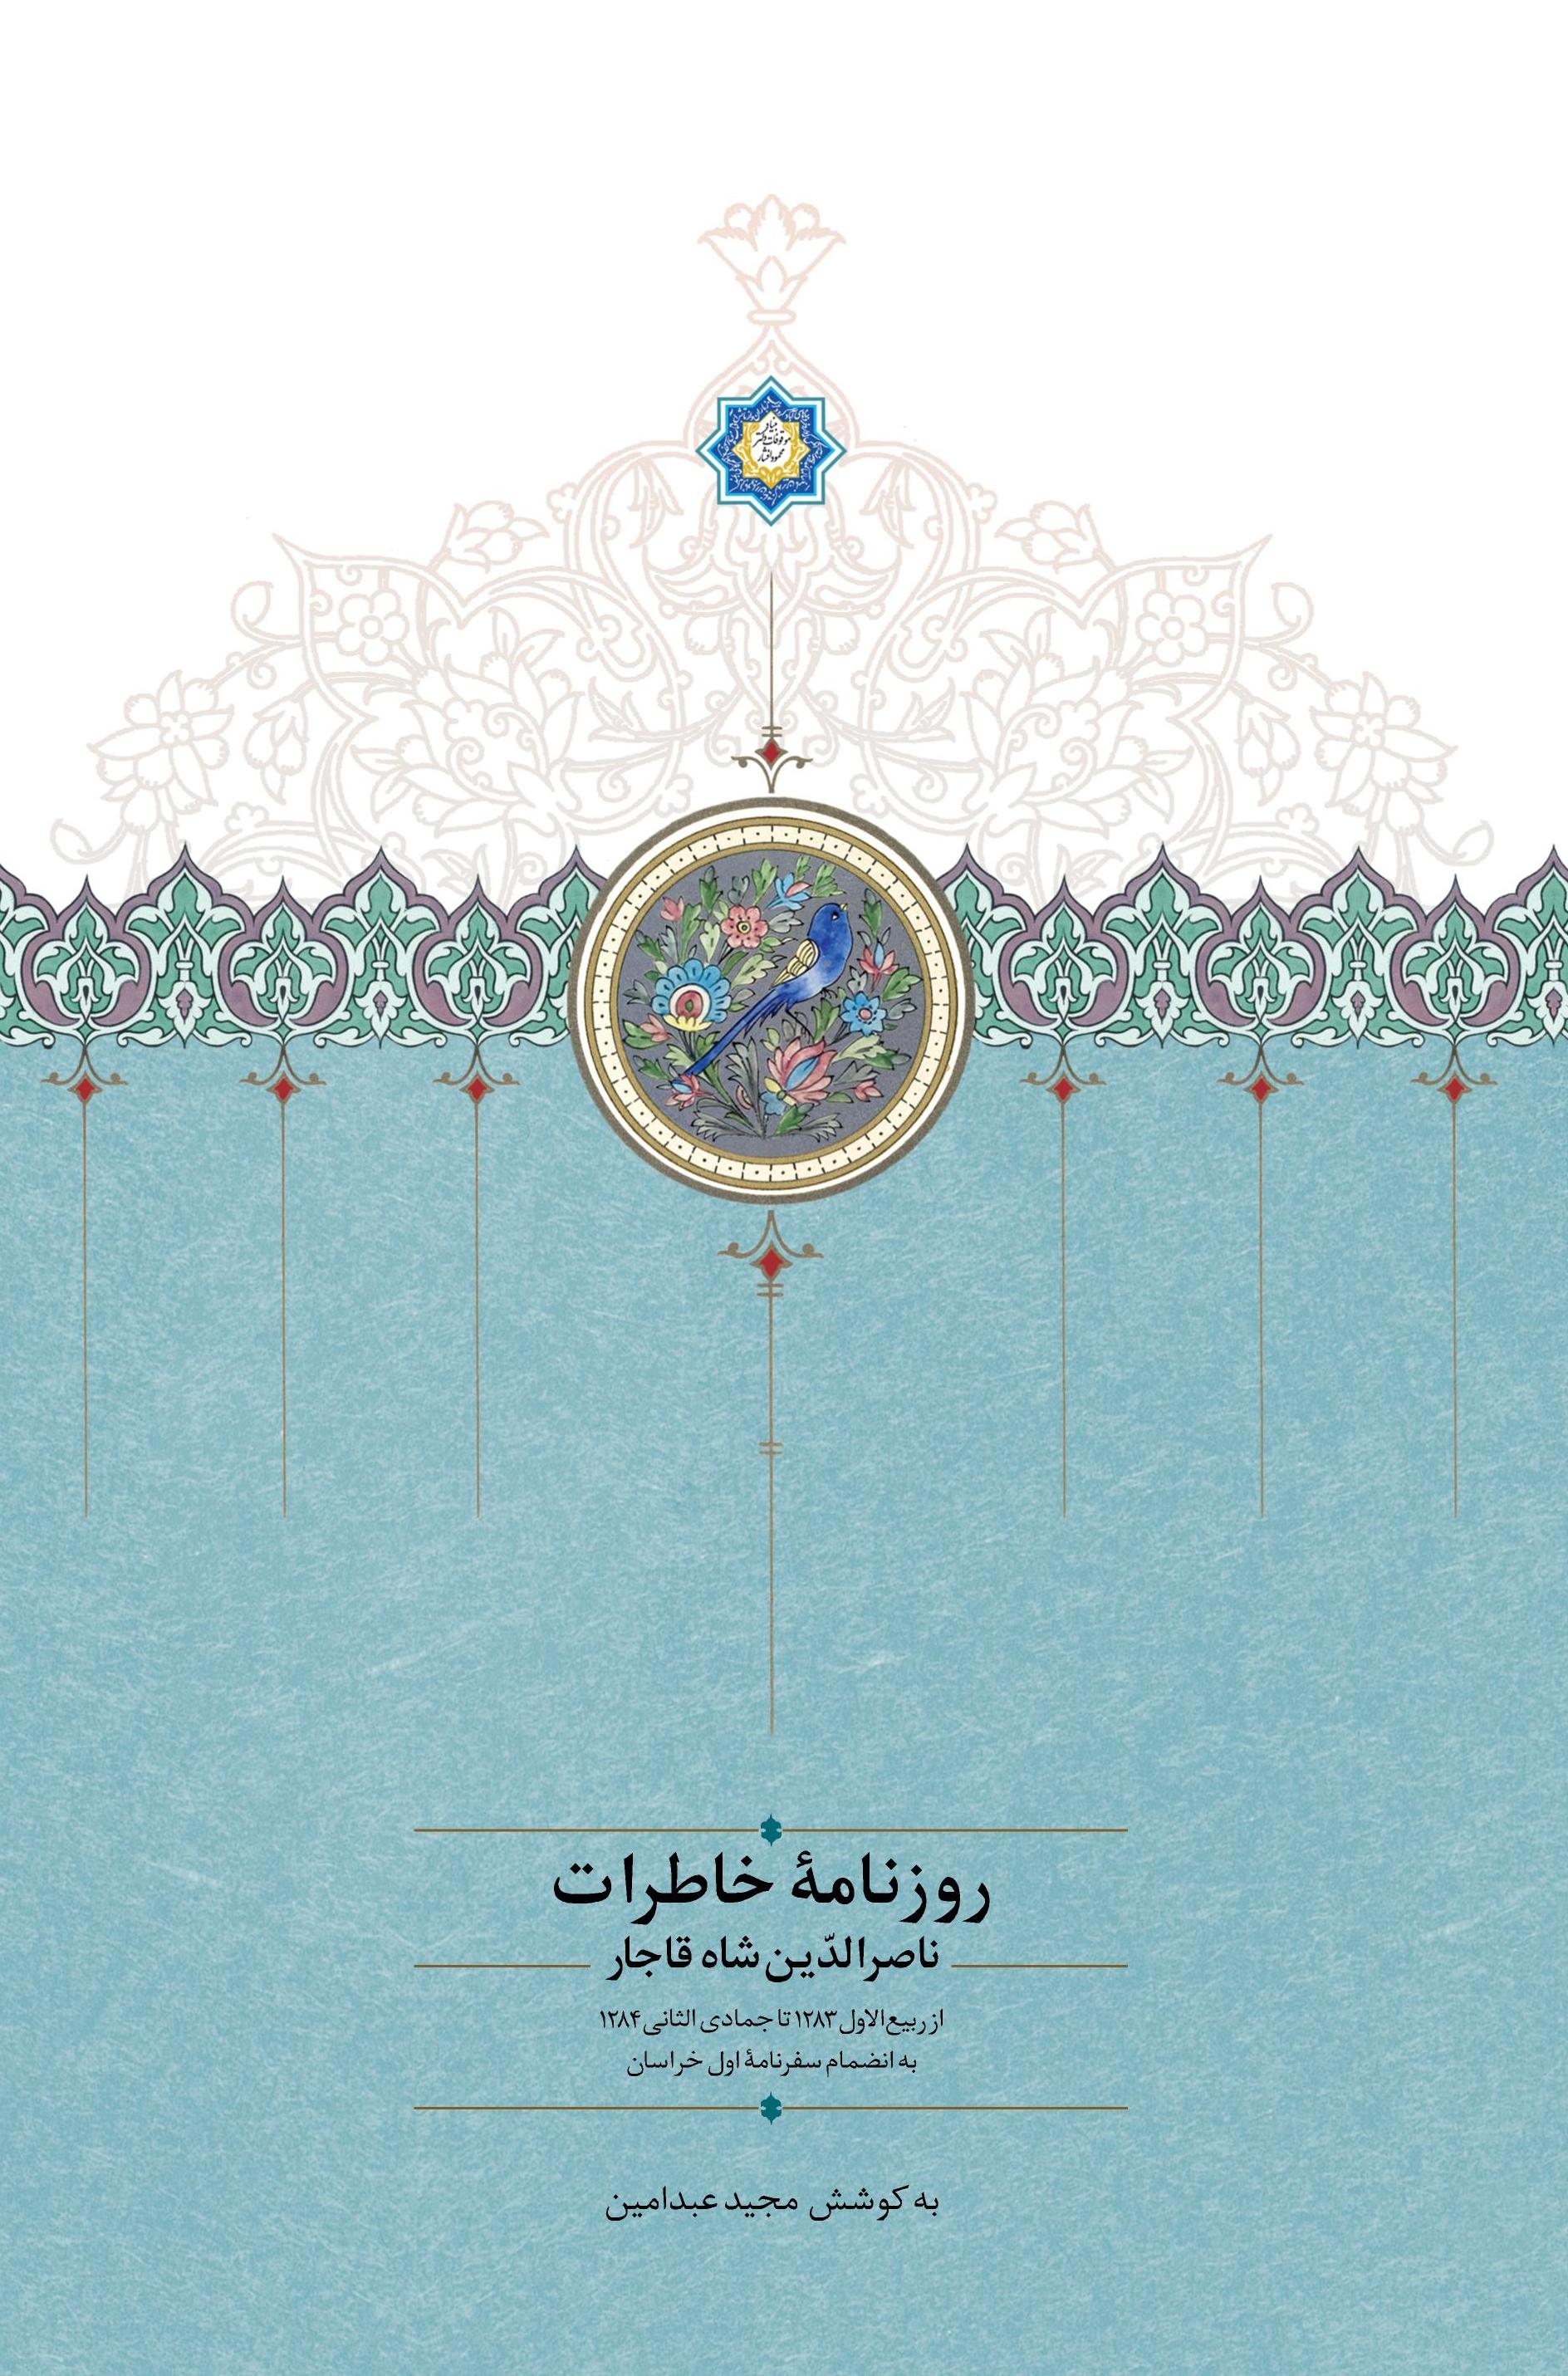 روزنامه خاطرات ناصرالدین شاه قاجار (جلد اول)